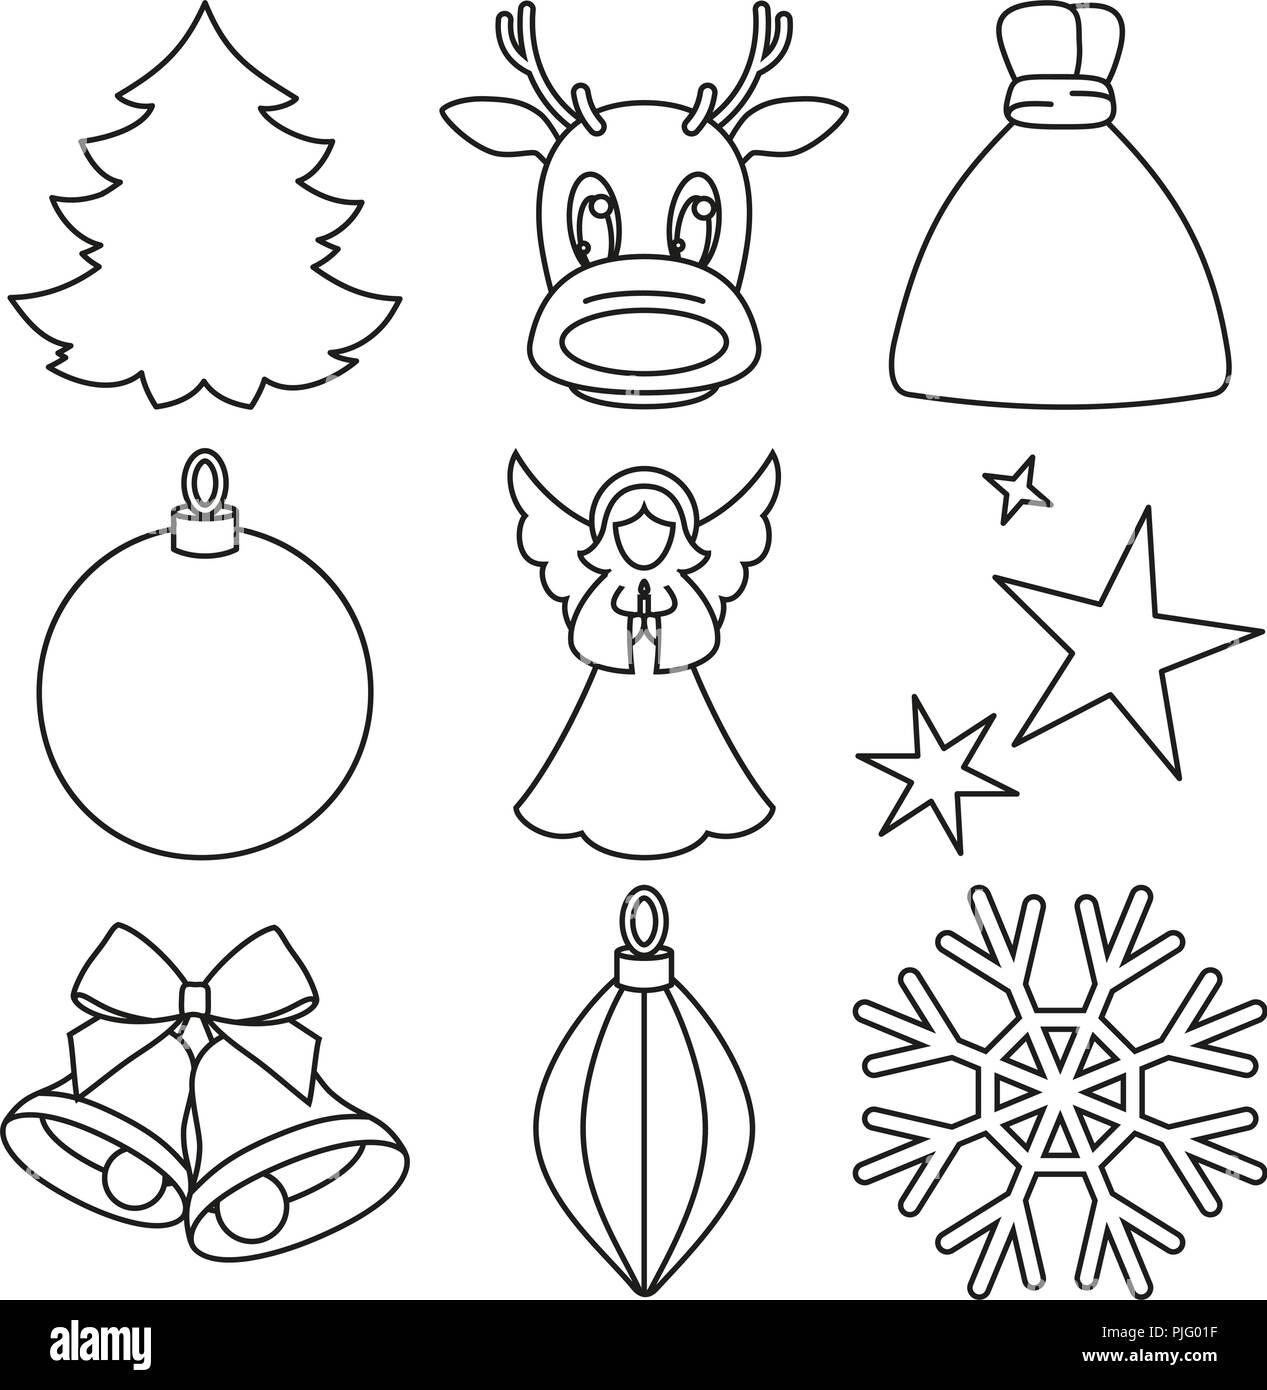 Immagini Natale In Bianco E Nero.In Bianco E Nero La Linea Arte Elementi Di Natale Immagine E Vettoriale Alamy